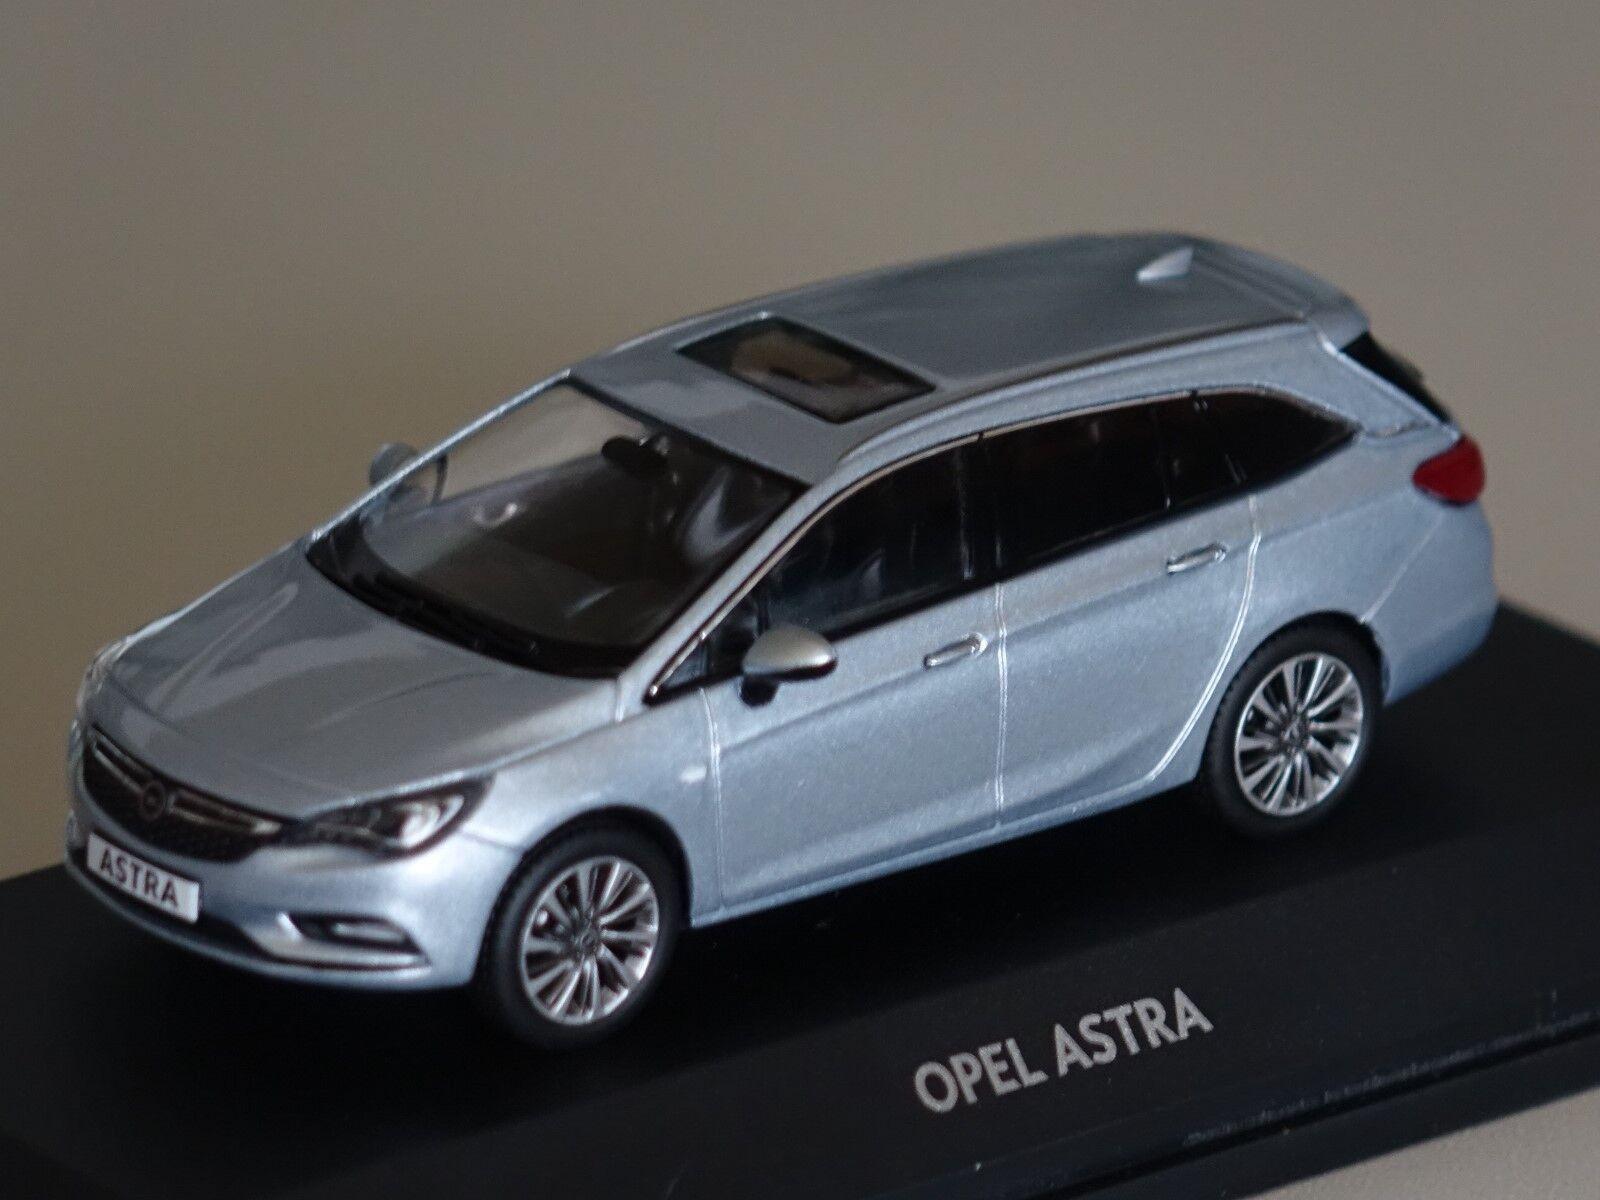 Opel Astra K Sports Tourer 2016 hellblau hellblau hellblau met. 1 43 iScale 10920 neu &  OVP    Gewinnen Sie hoch geschätzt  6c4c1a